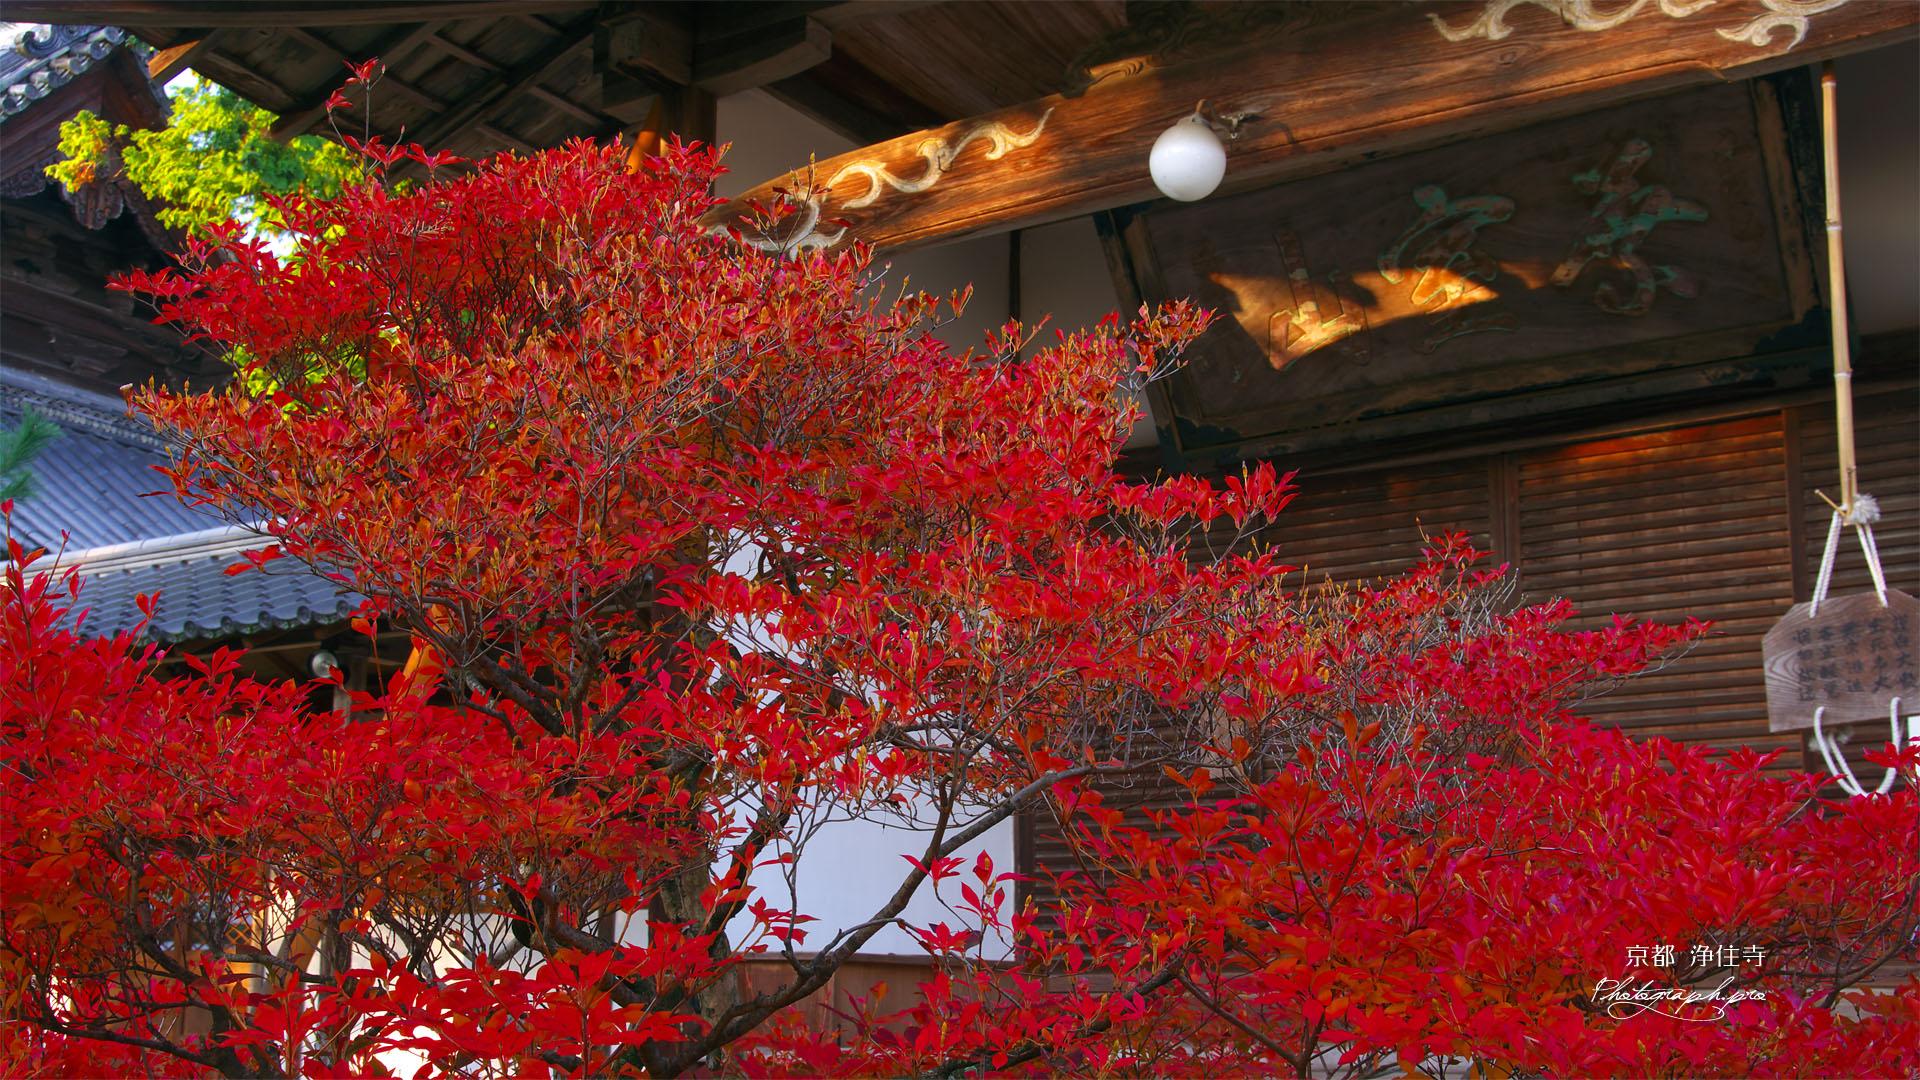 京都浄住寺のドウダンツツジ